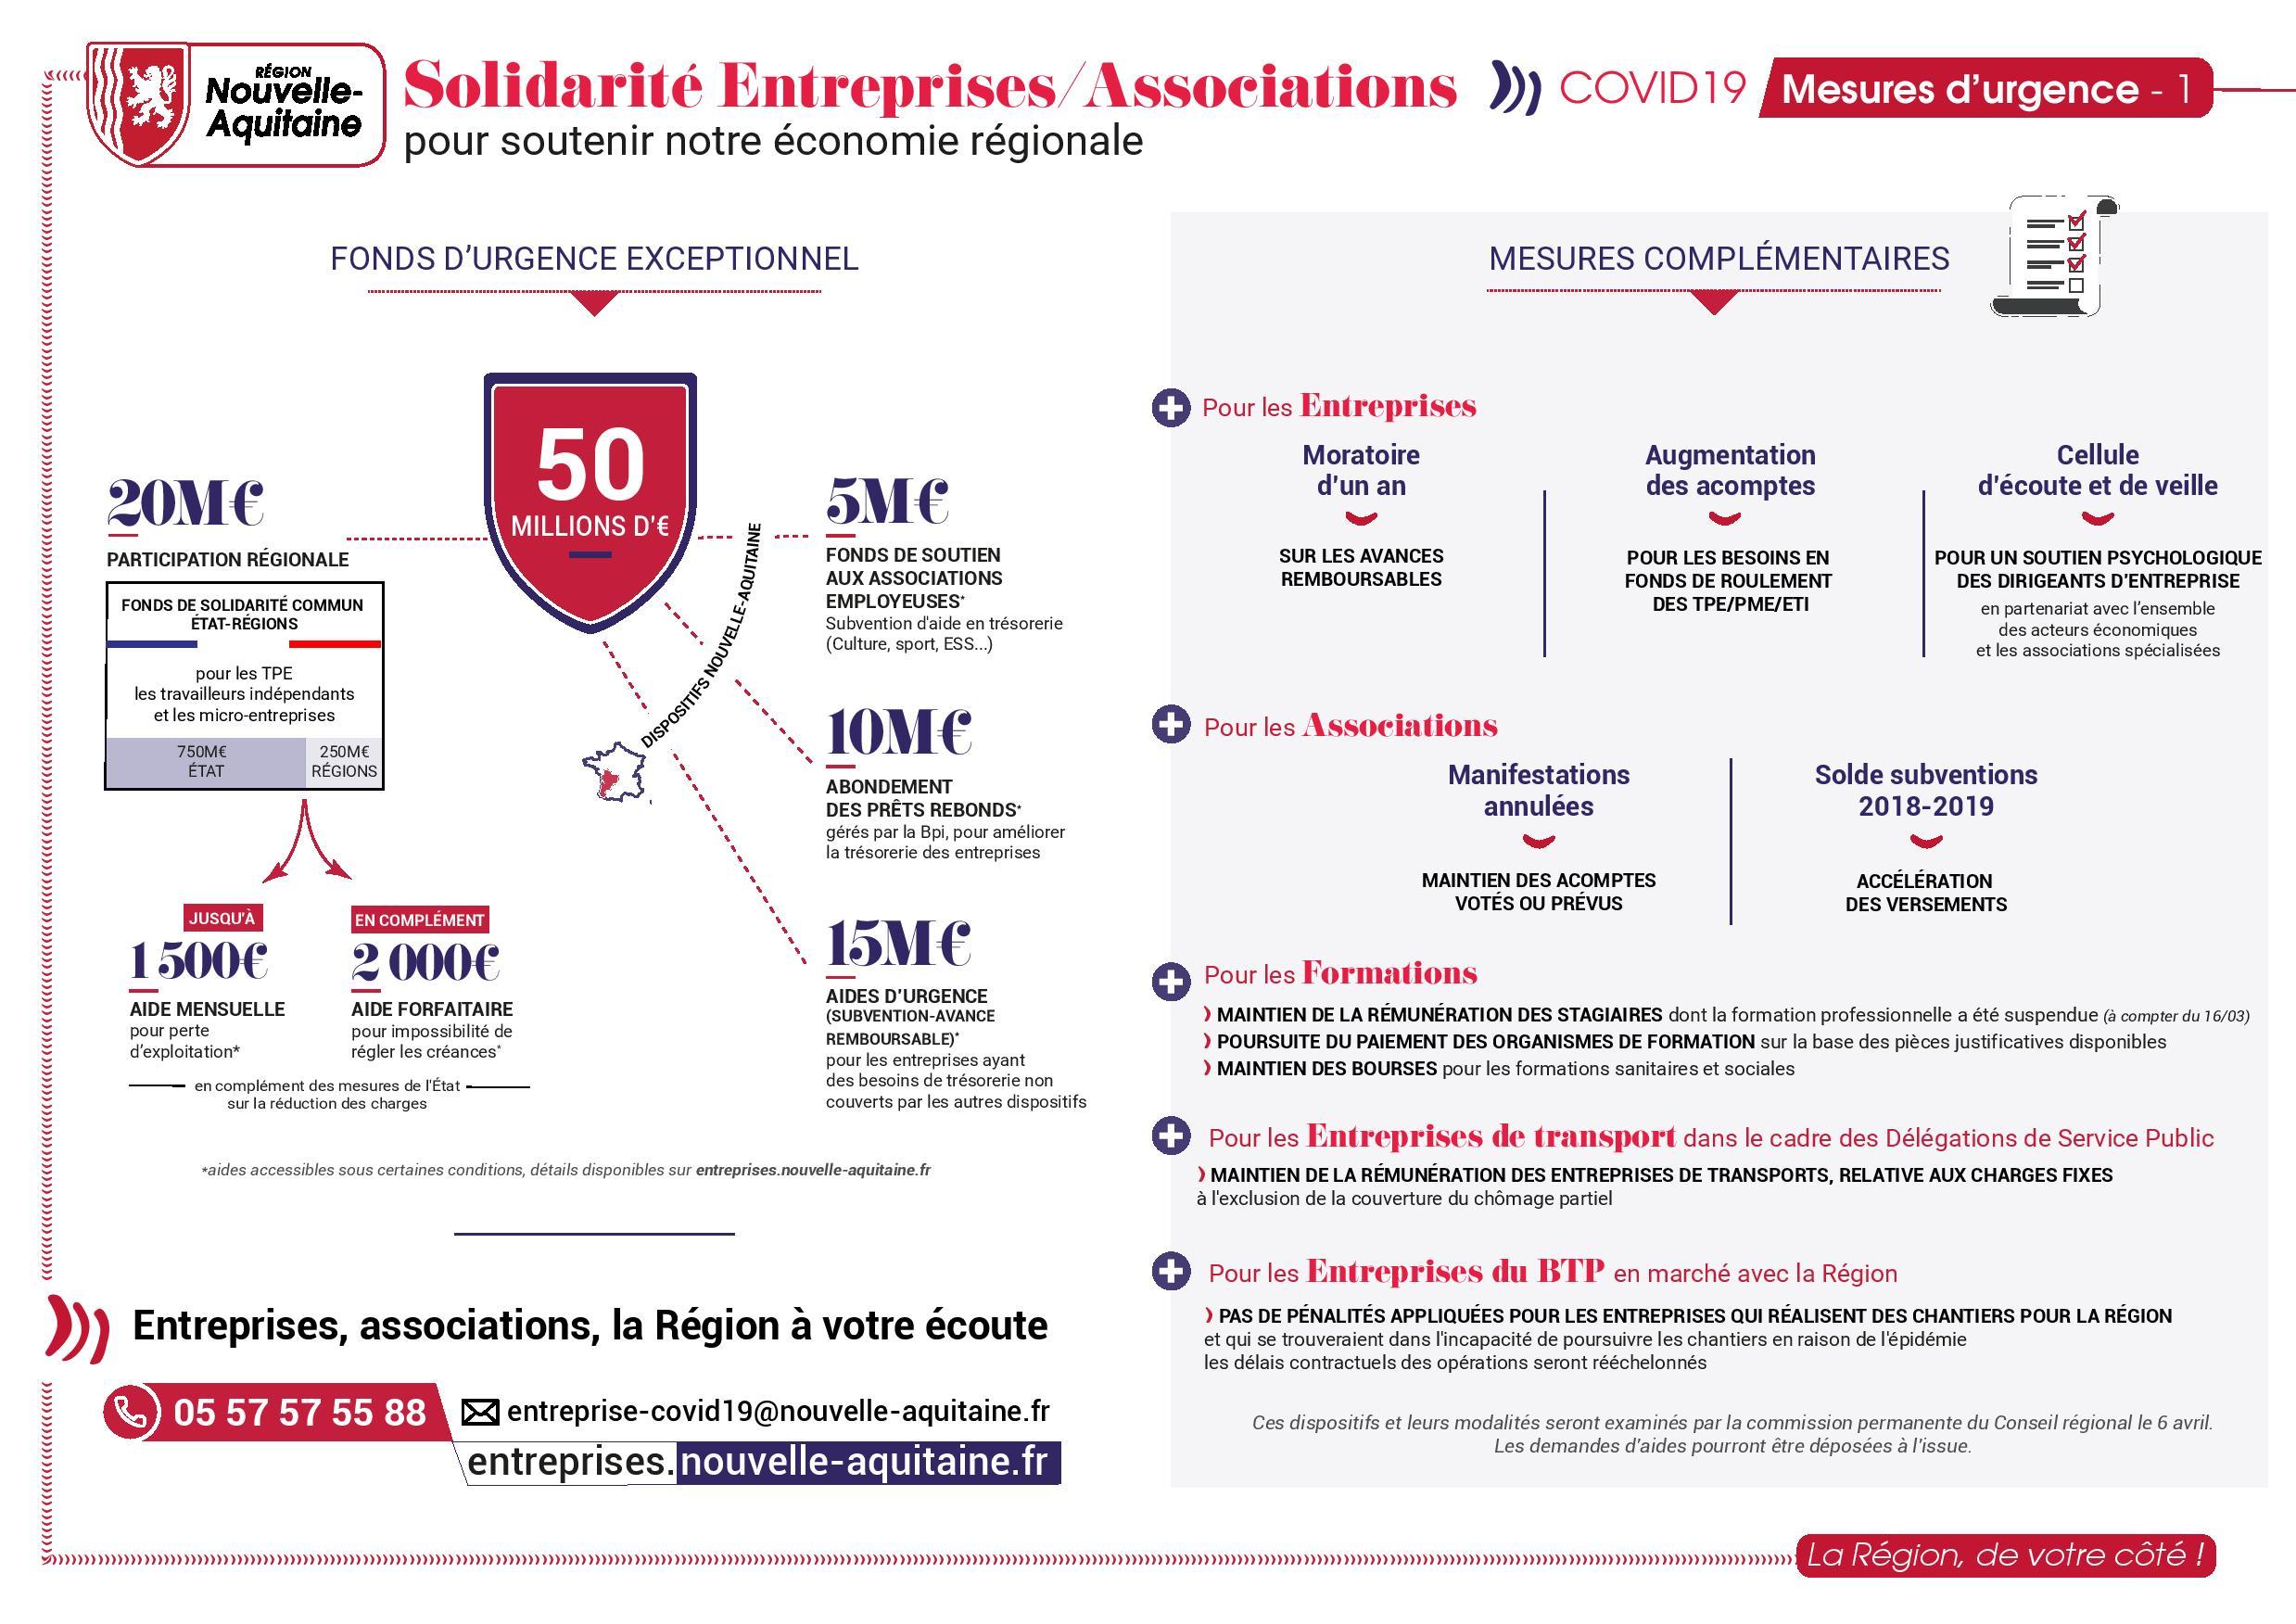 Fond d'urgence pour les entreprises et associations